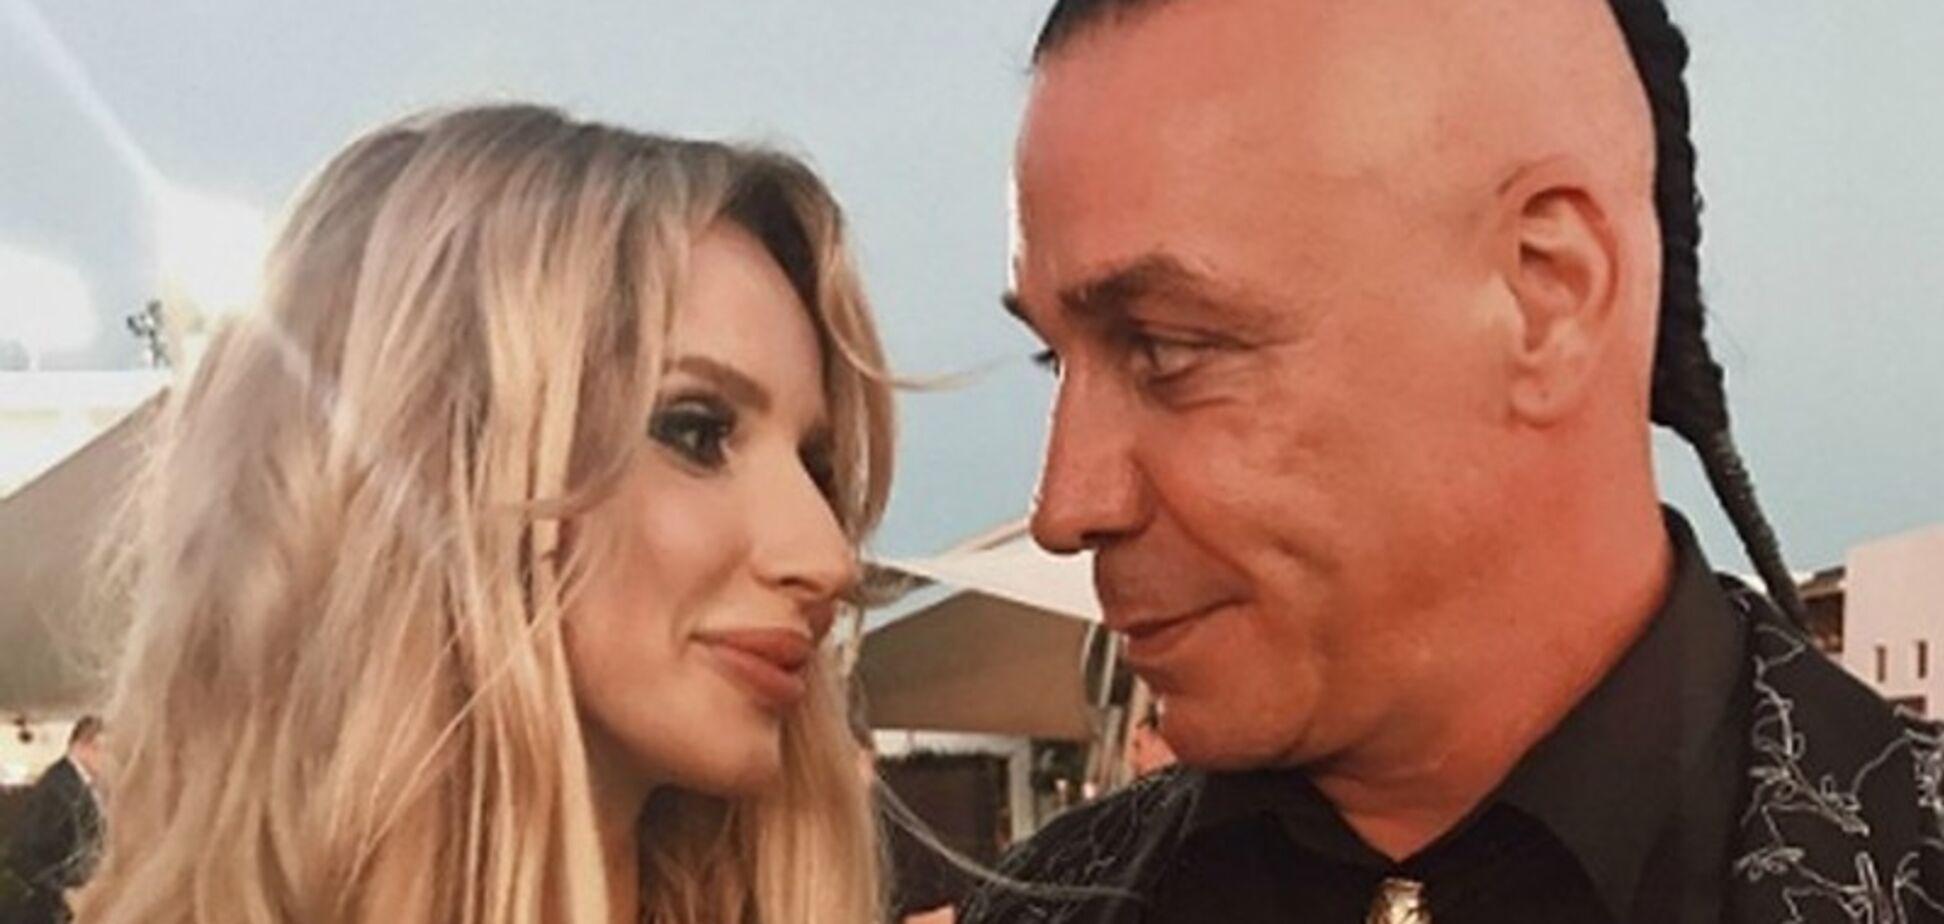 ''Подарунок від Ліндеманна?'' Лобода зробила непрозорий натяк на зв'язок з рокером